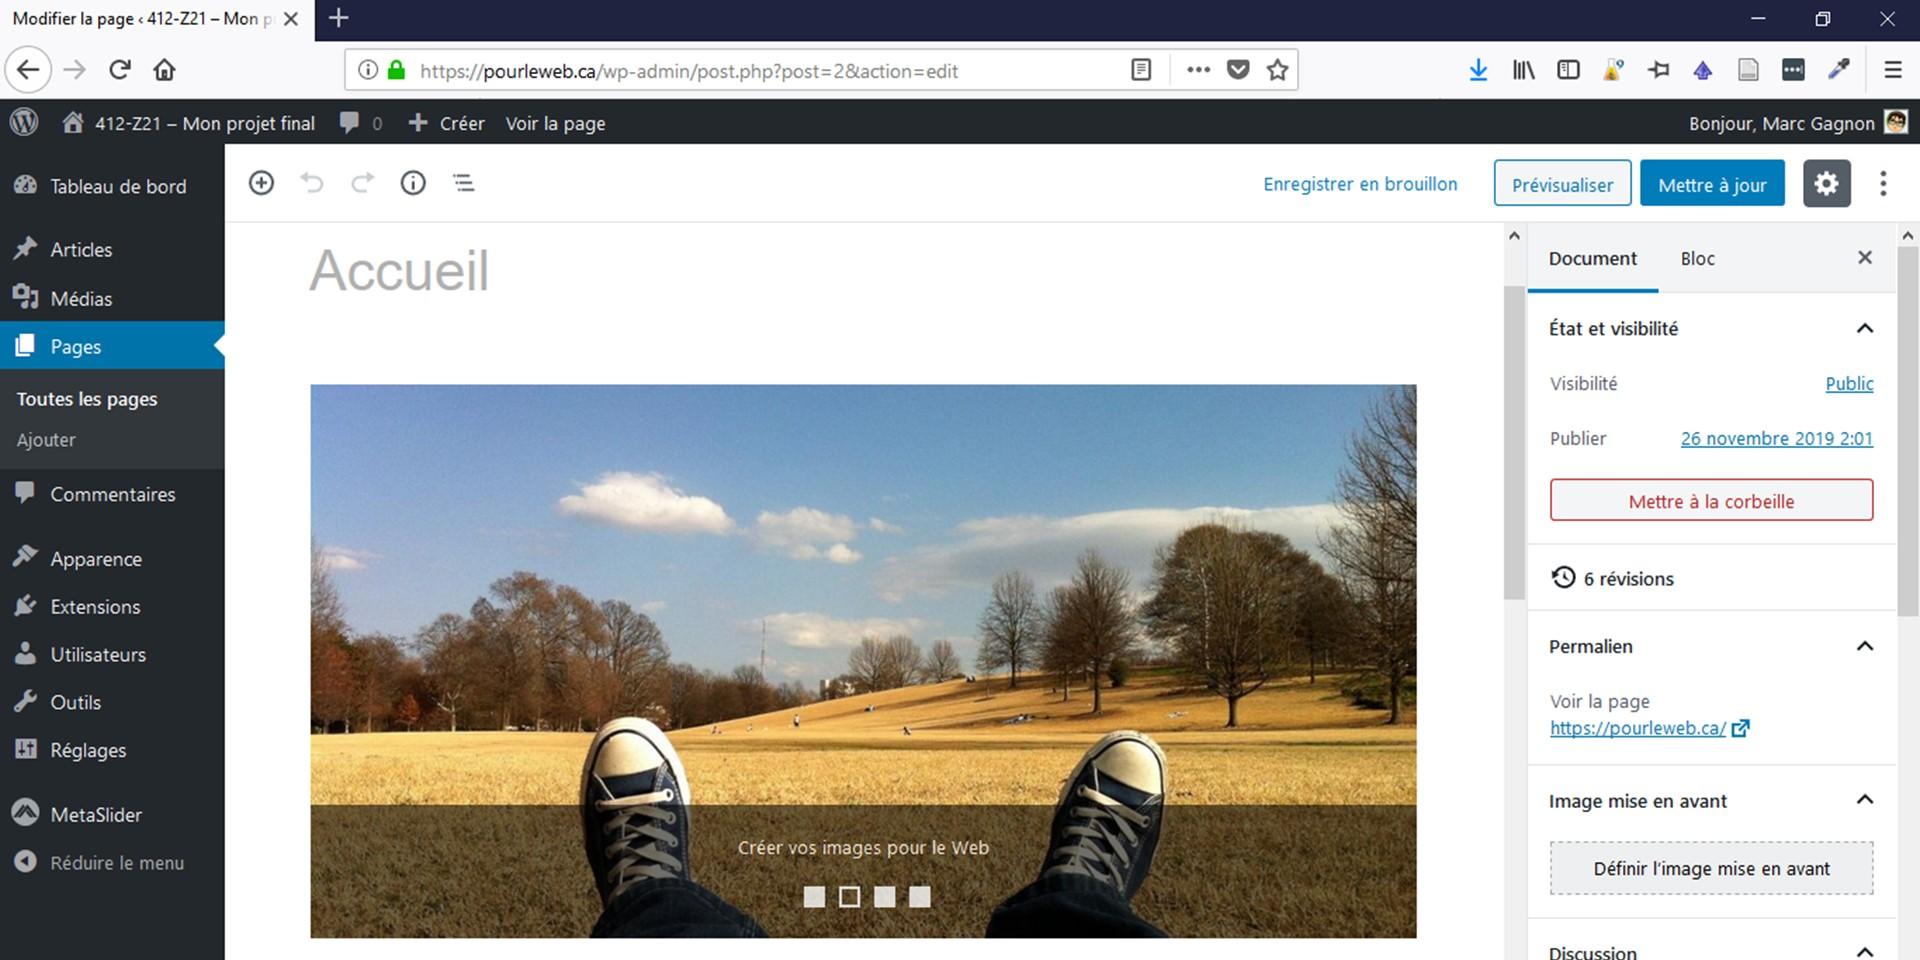 Créer la page d'accueil